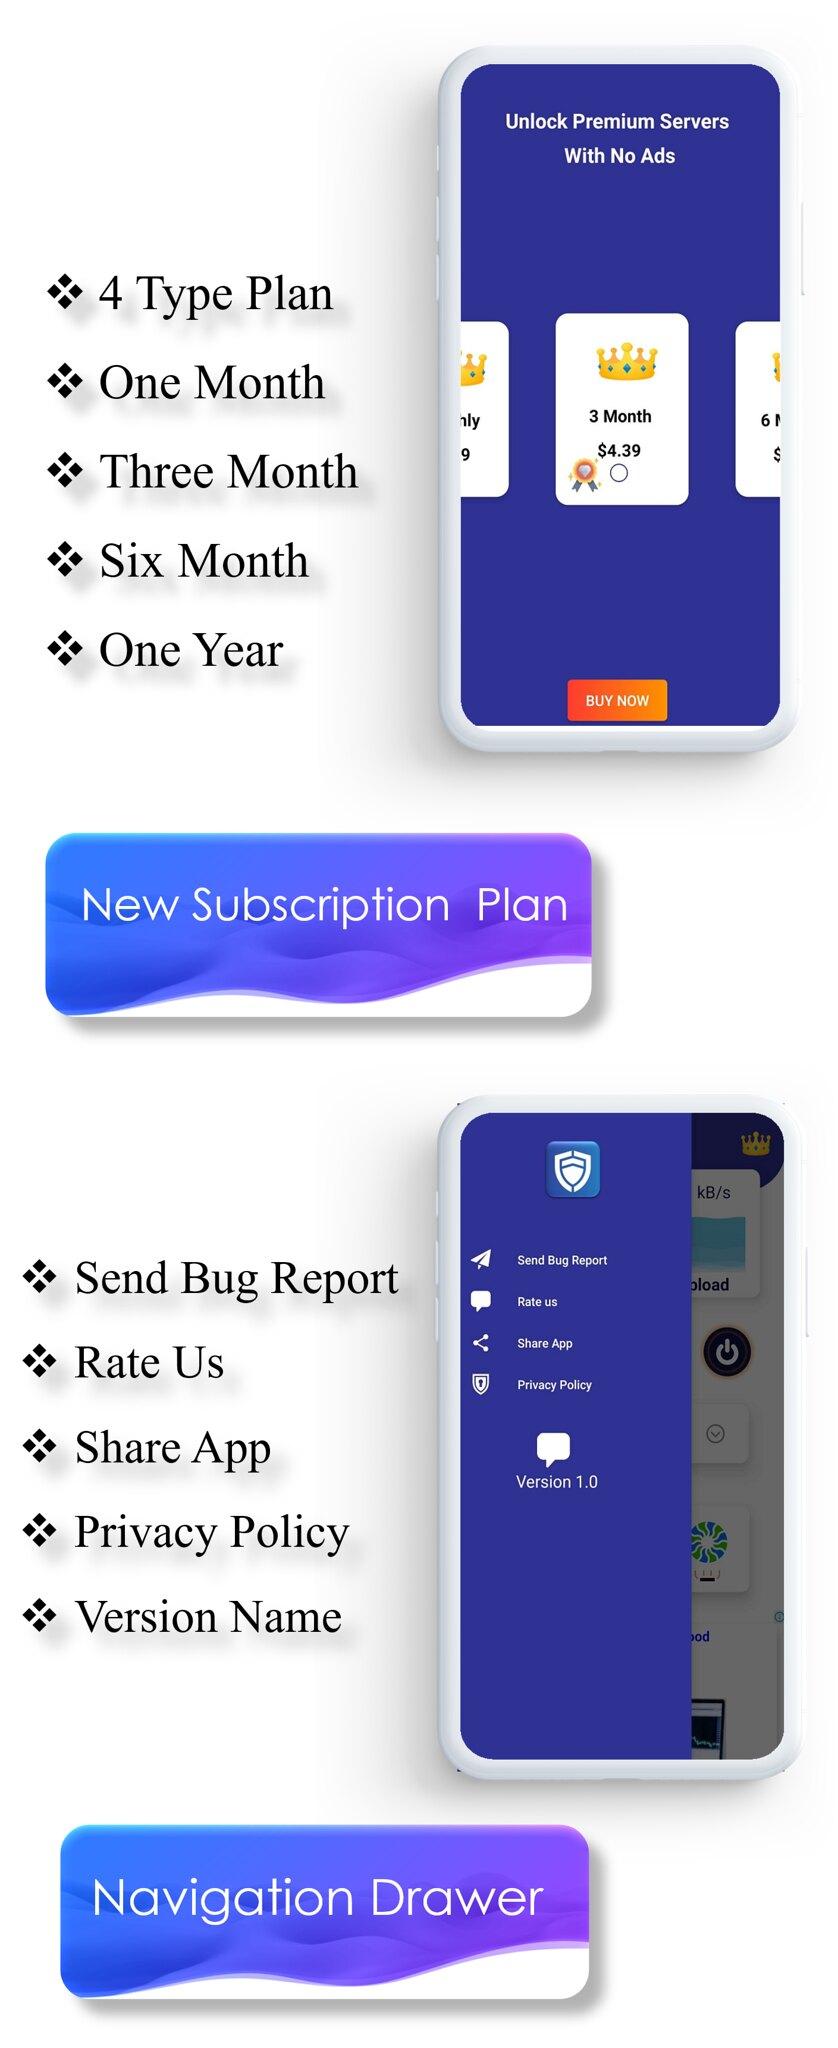 TOTO - VPN | VPN App | Facebook Ads | Admob Ads | Ads Manage Remotely | VPN | VPN Subscription Plan - 7